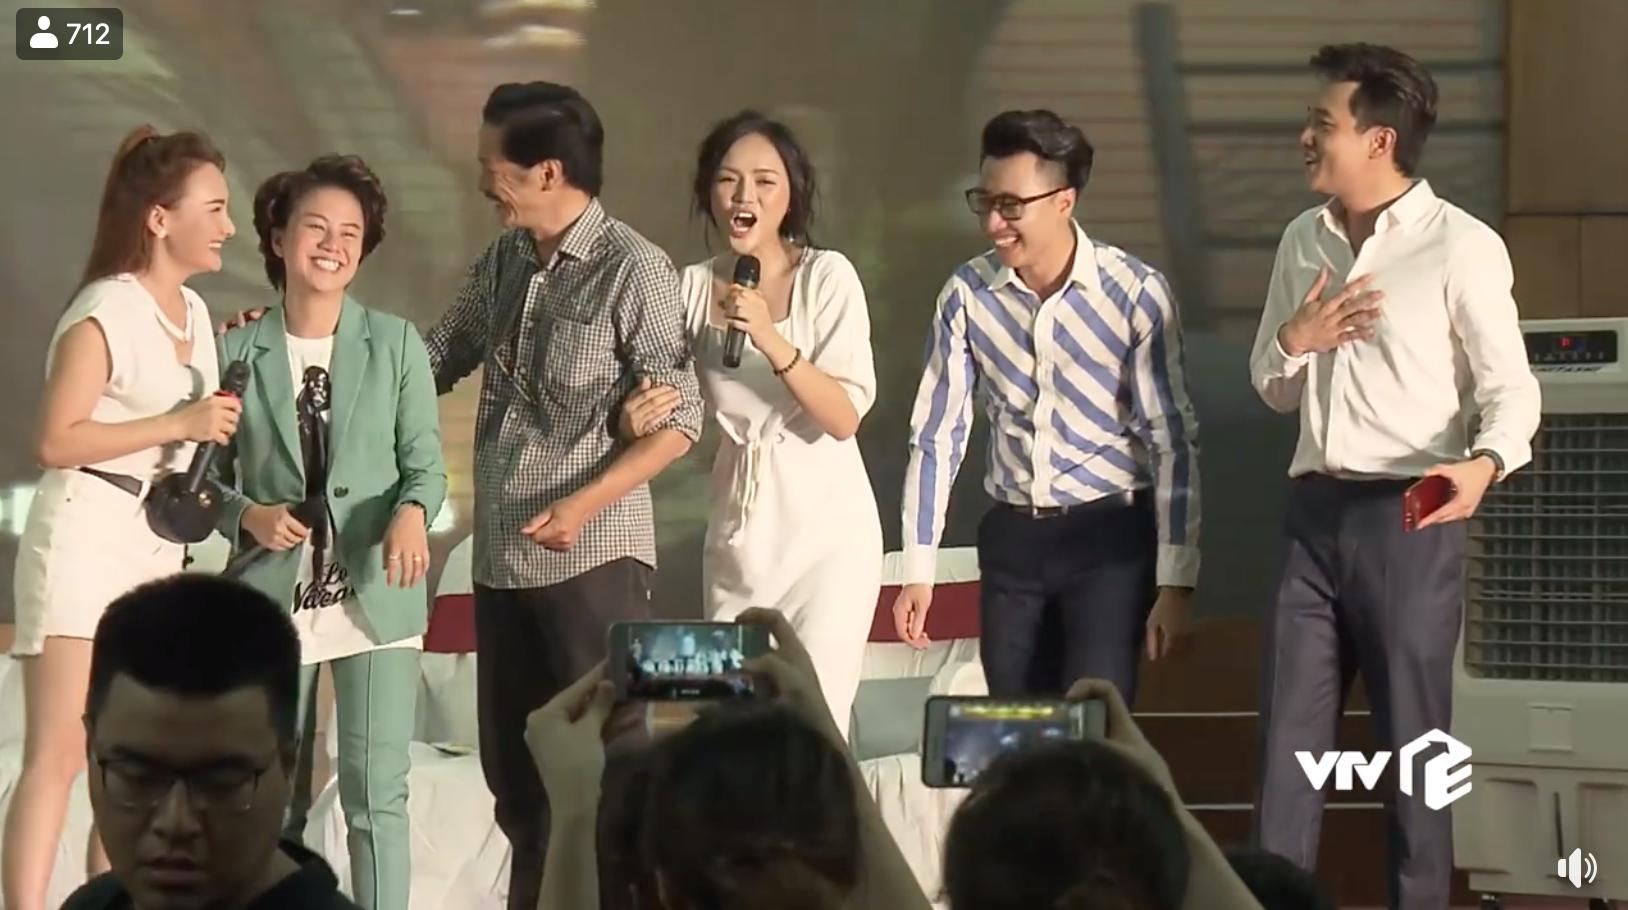 Dàn diễn viên Về nhà đi con cùng hát nhạc phim, khán giả khen lấy khen để Bảo vì hát quá hay-4